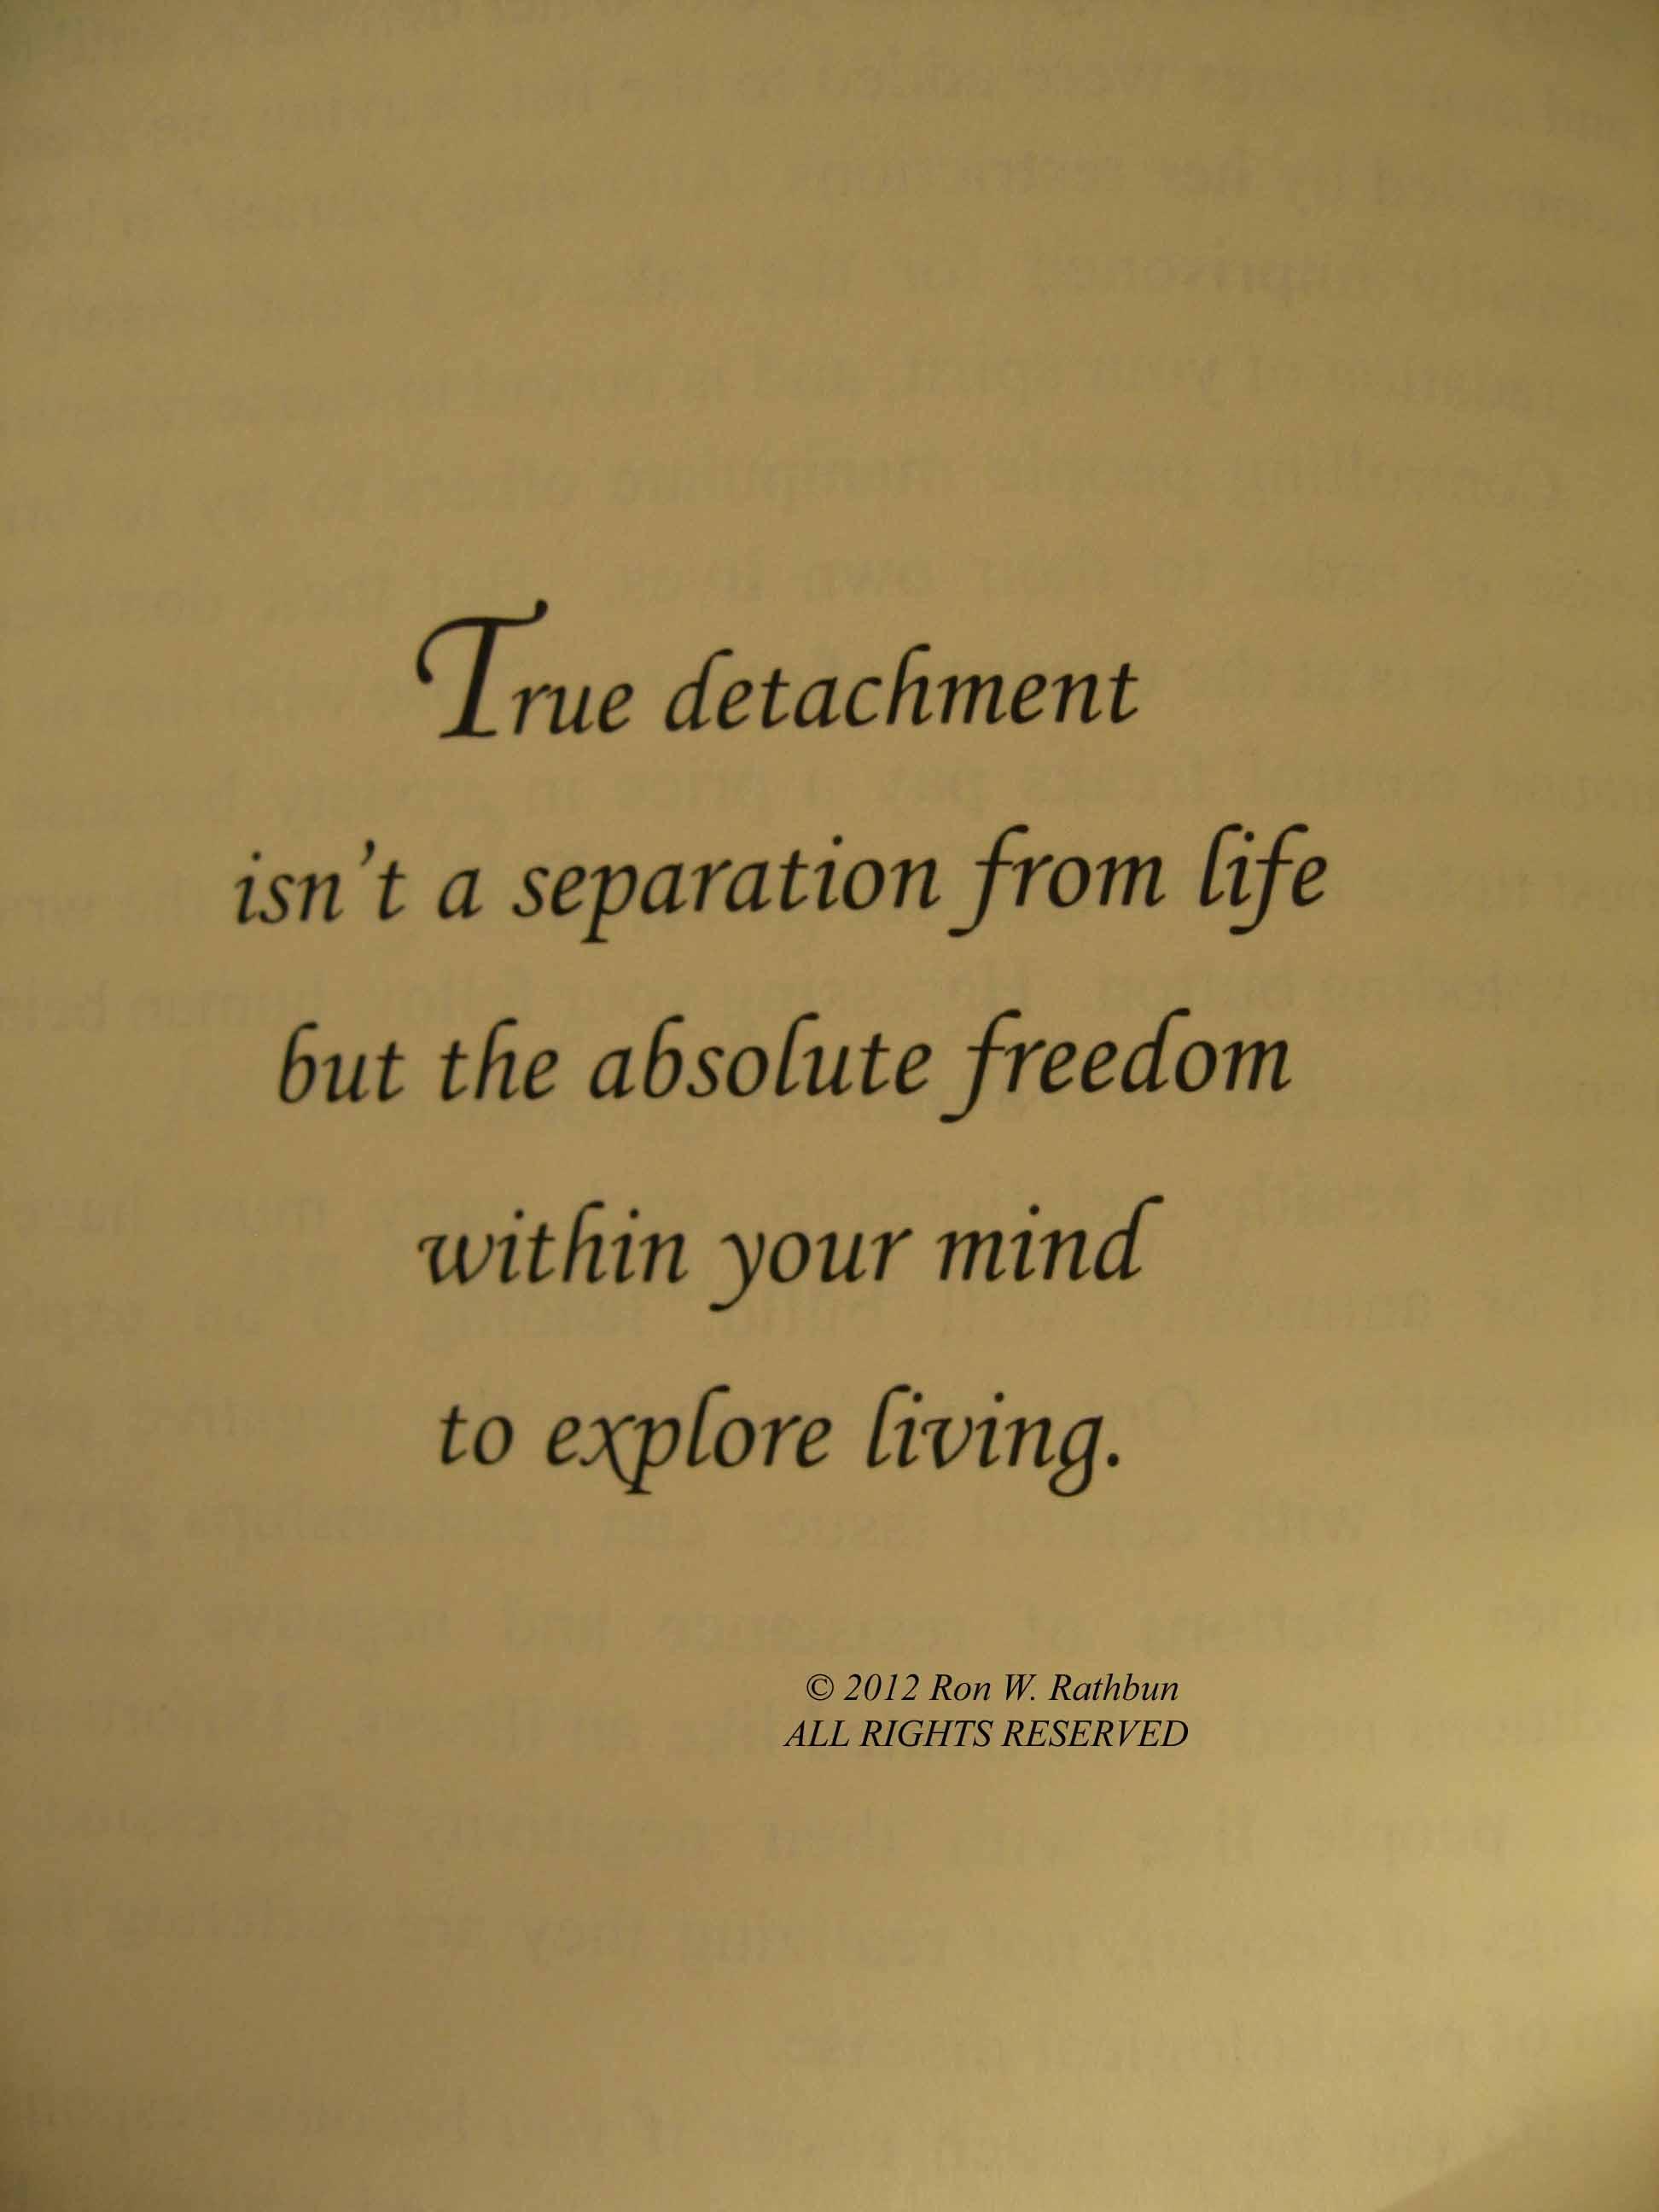 Detachment quote #1